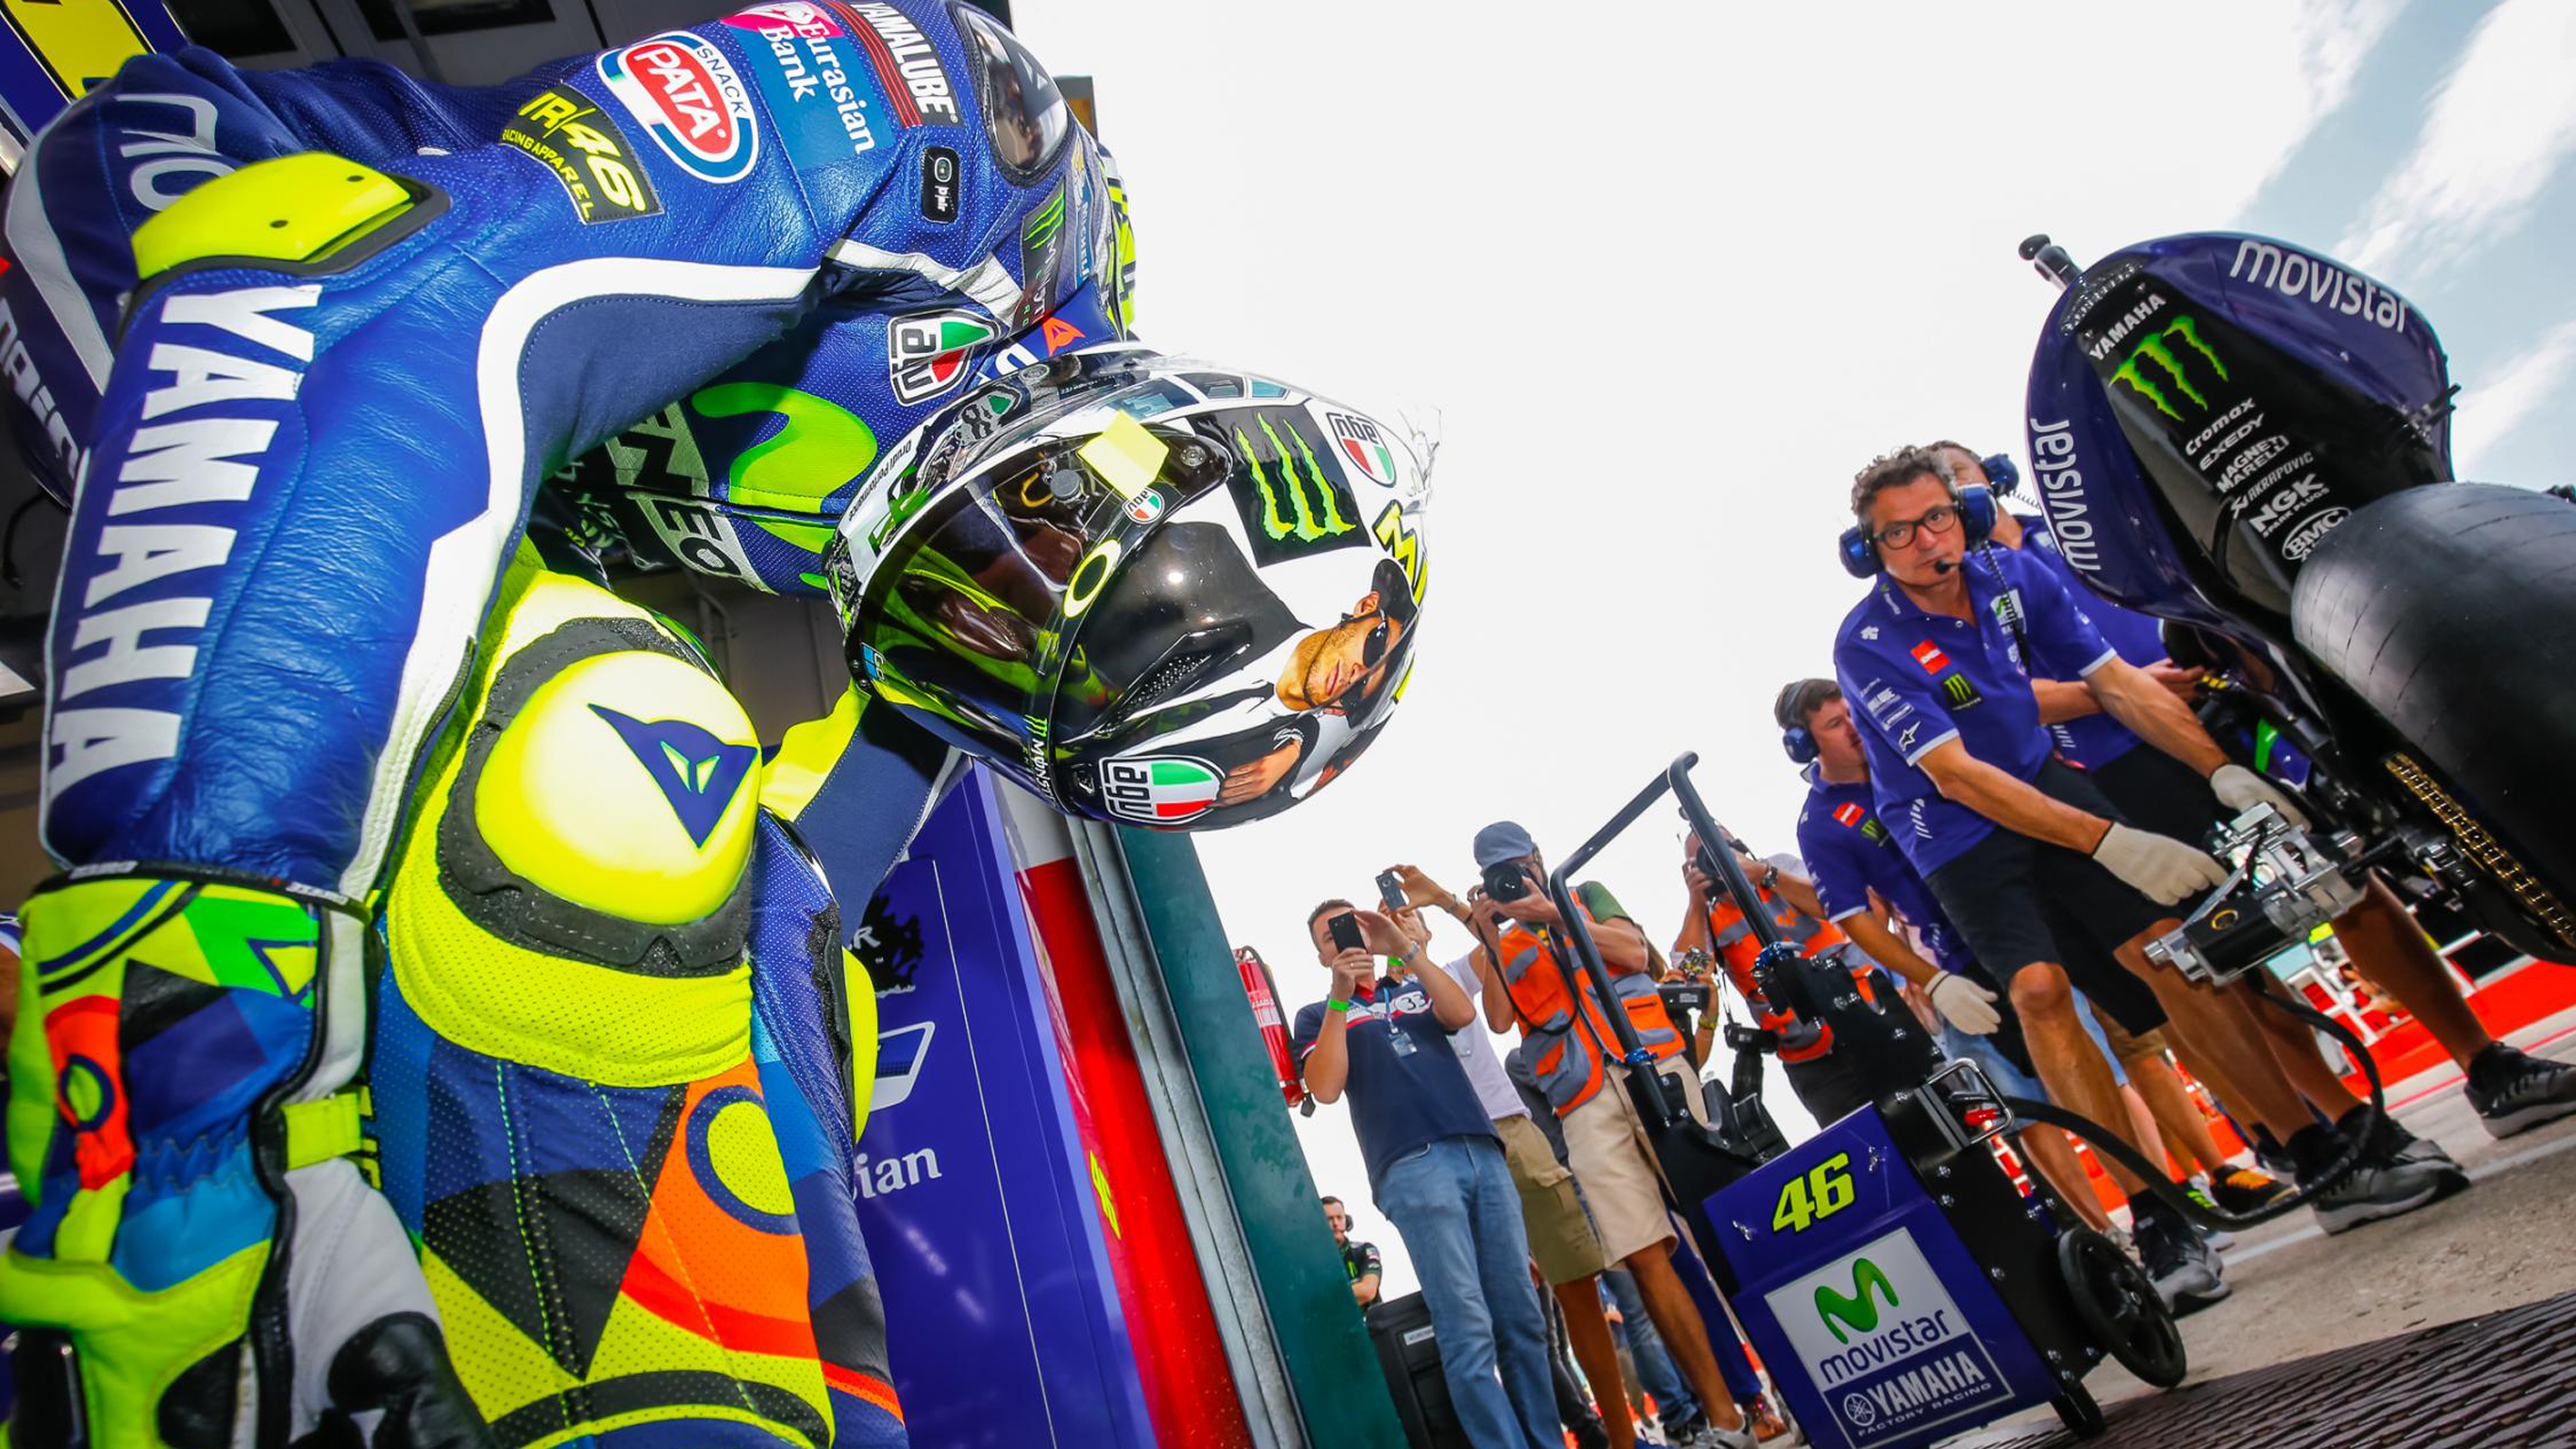 Temporada 2016 Programa 228 - El mejor resumen del GP de San Marino 2016